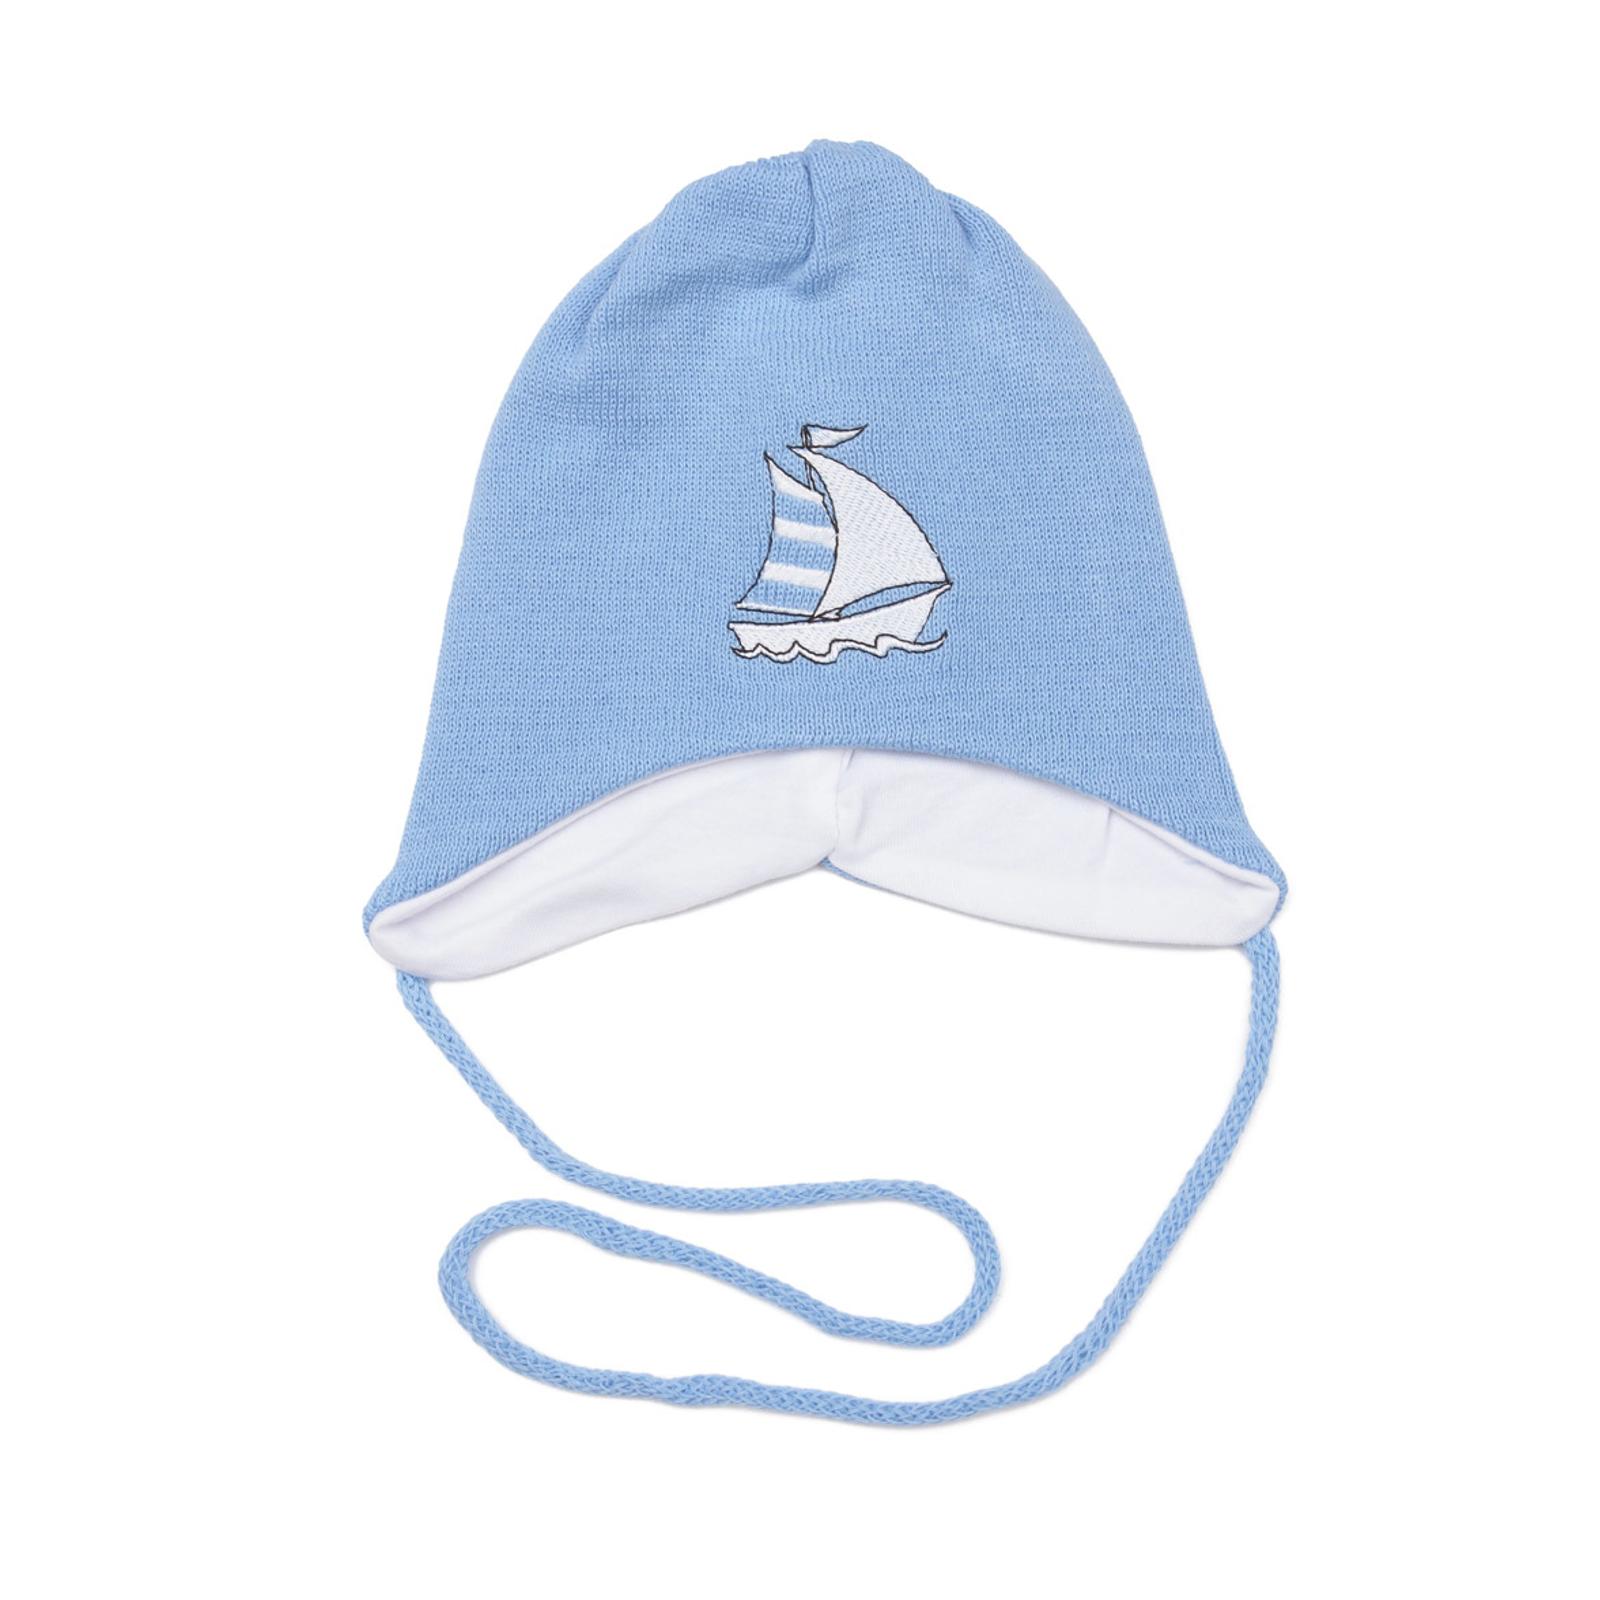 Шапка Aliap c корабликом, цвет - Голубой Размер 39-41